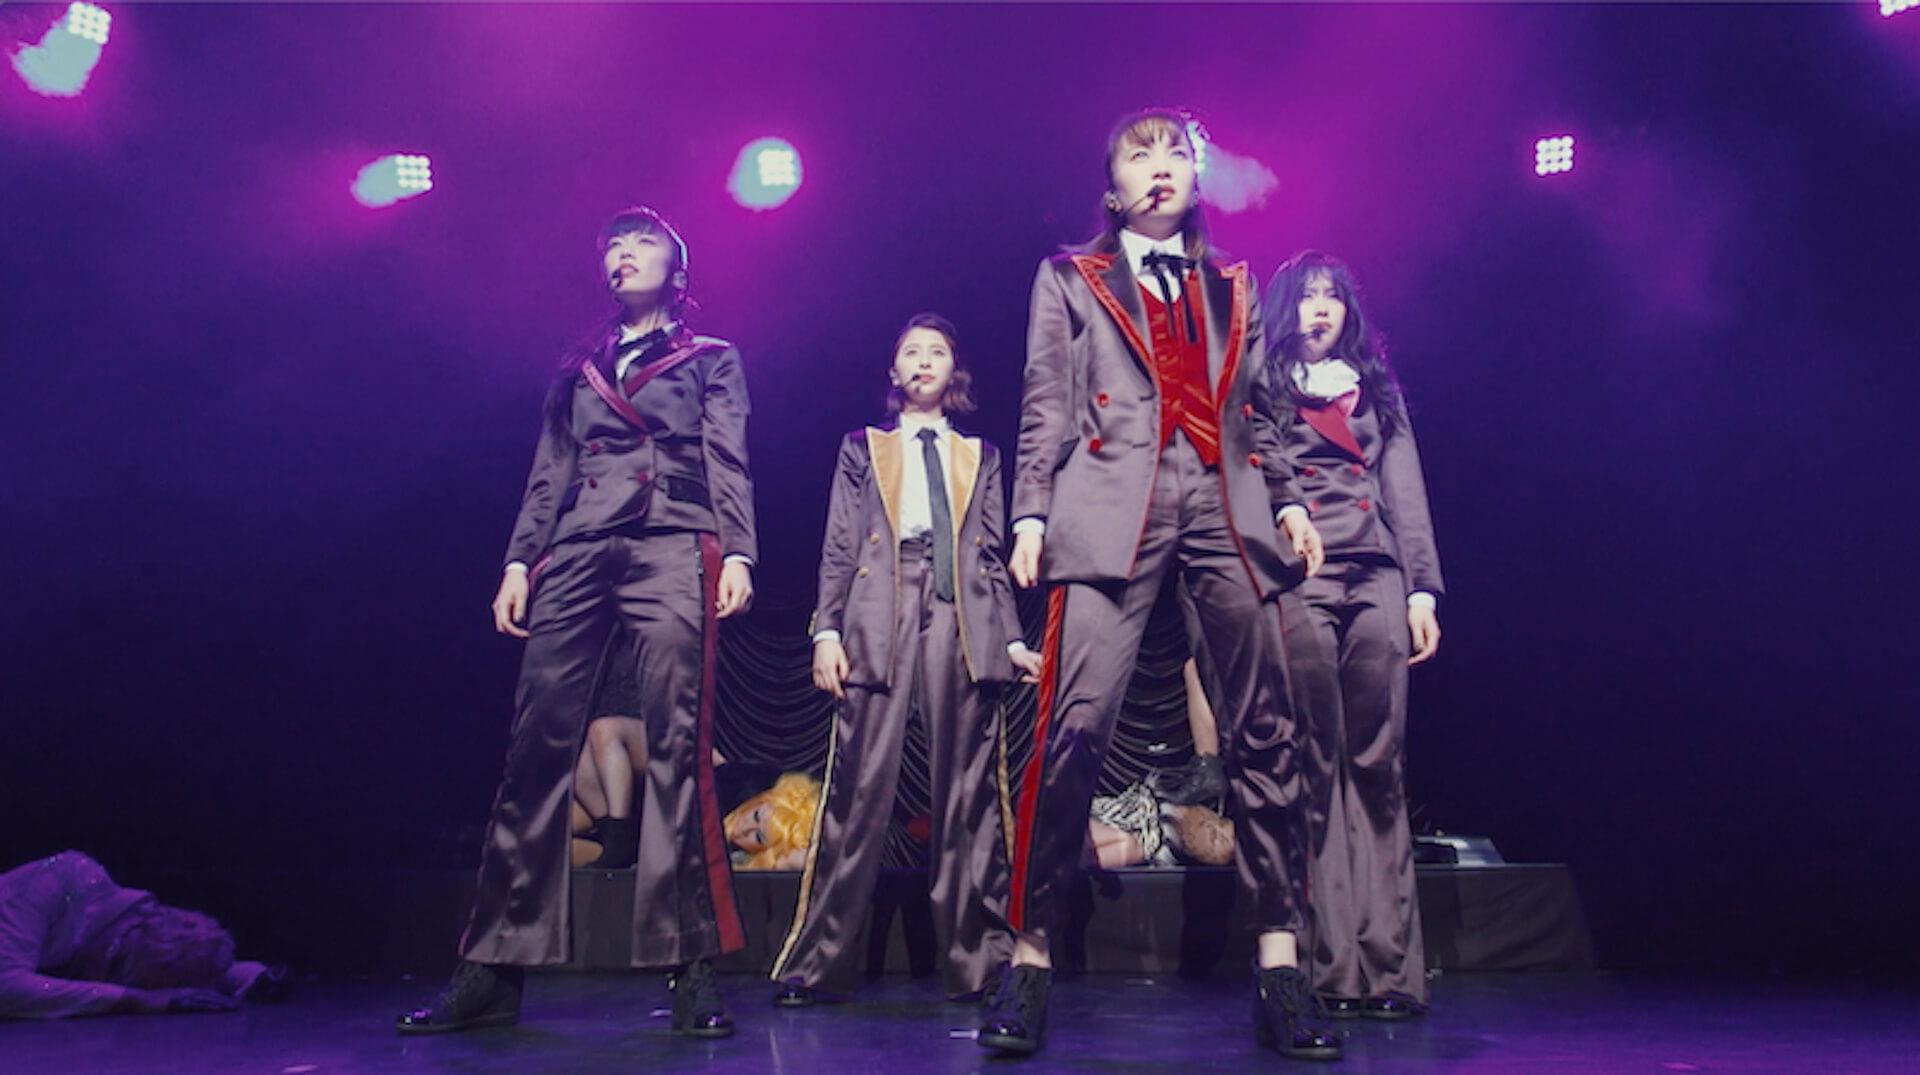 ももクロ、スーツ姿で決めるプレミアムライブのティーザー映像第2弾が解禁!メンバーによるオーディオコメンタリーも収録決定 music191219_momokuro_10